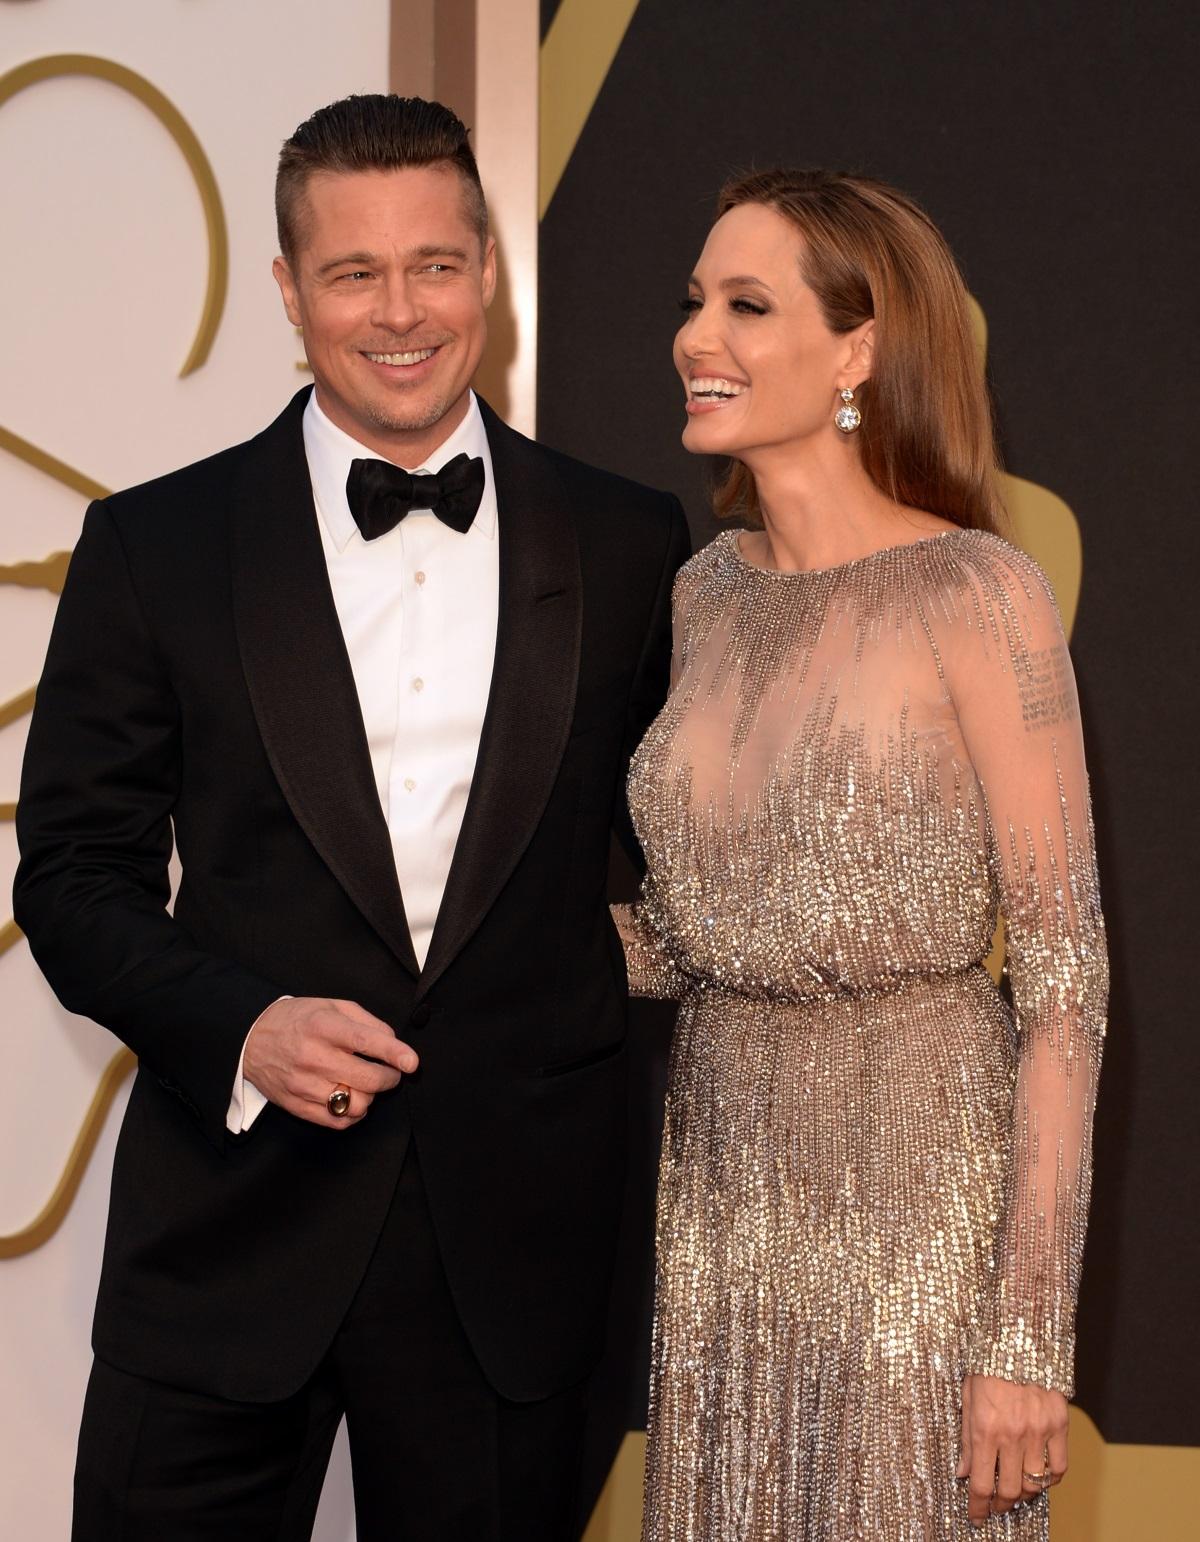 Брад Пит е на 50 г., когато през 2014 г. се жени за Анджелина Джоли. За съжаление, двамата се разделиха две години по-късно.